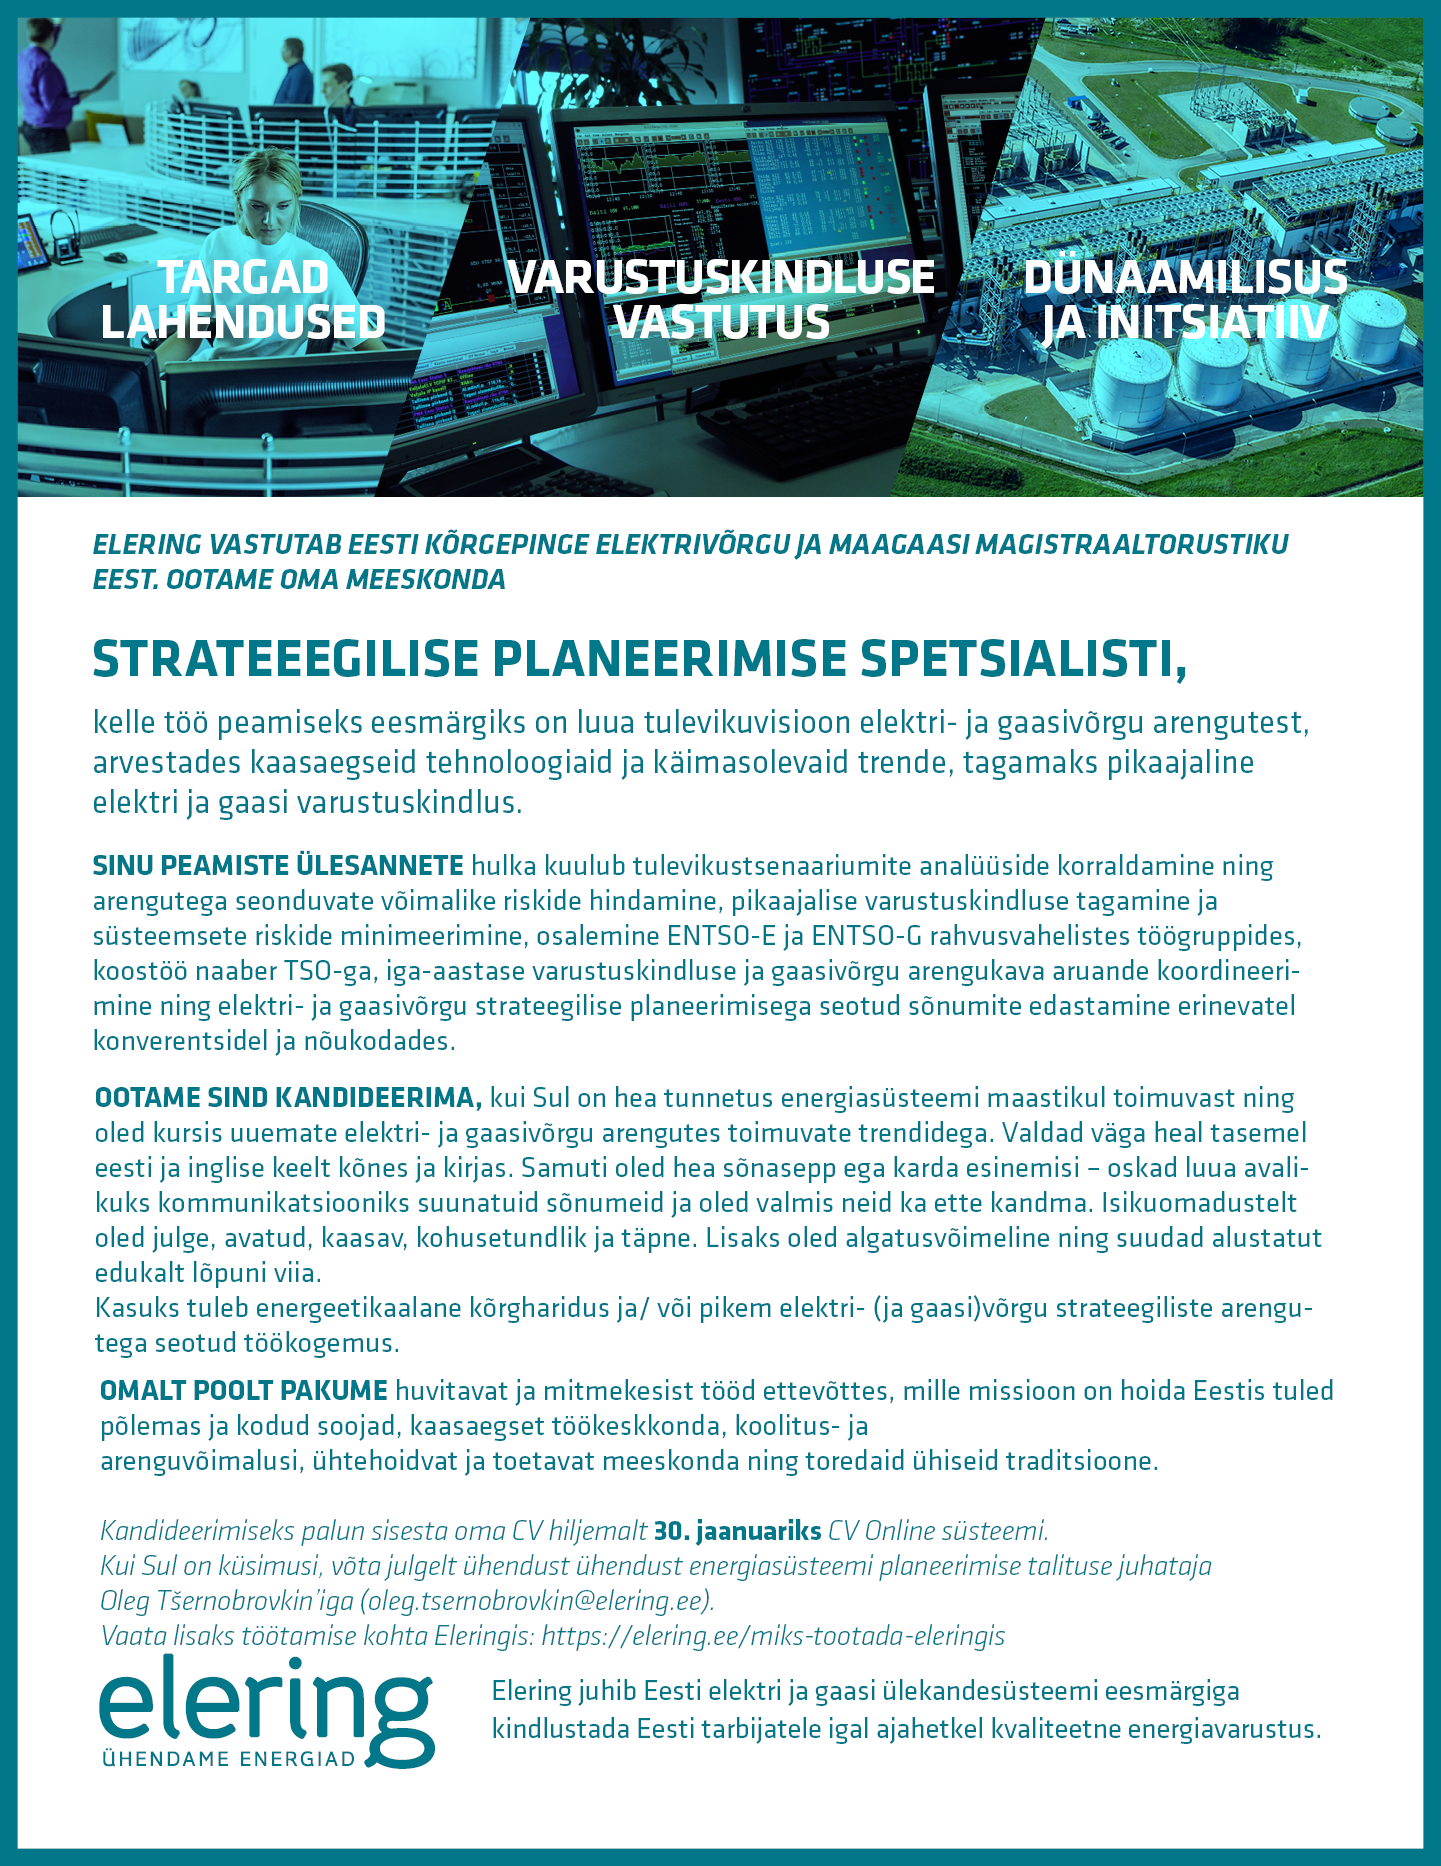 Töökuulutus_strateegilise planeerimise spetsialist